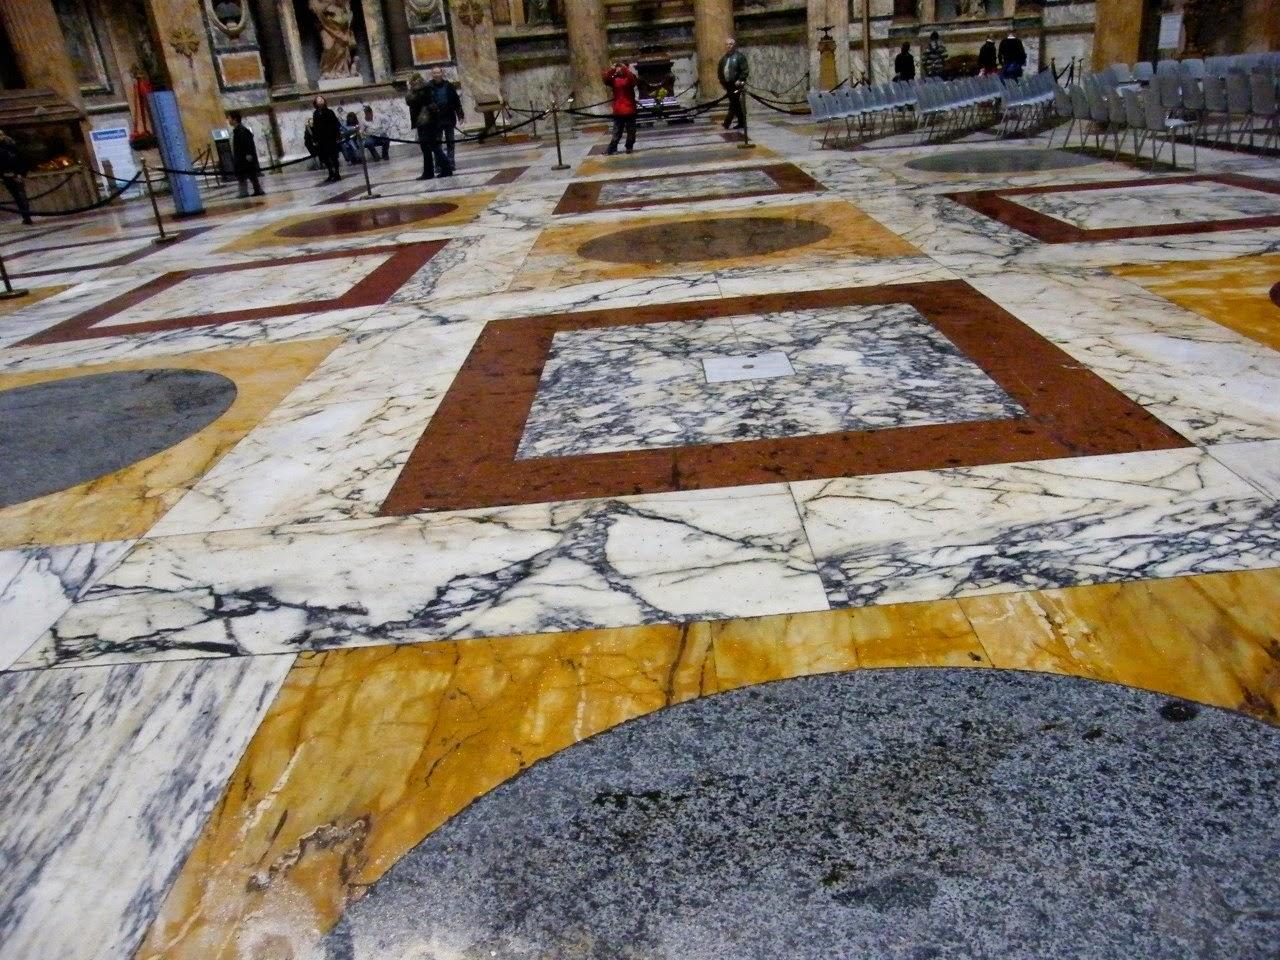 Il Blog di Fabrizio Falconi: L'enigma del pavimento del Pantheon ...